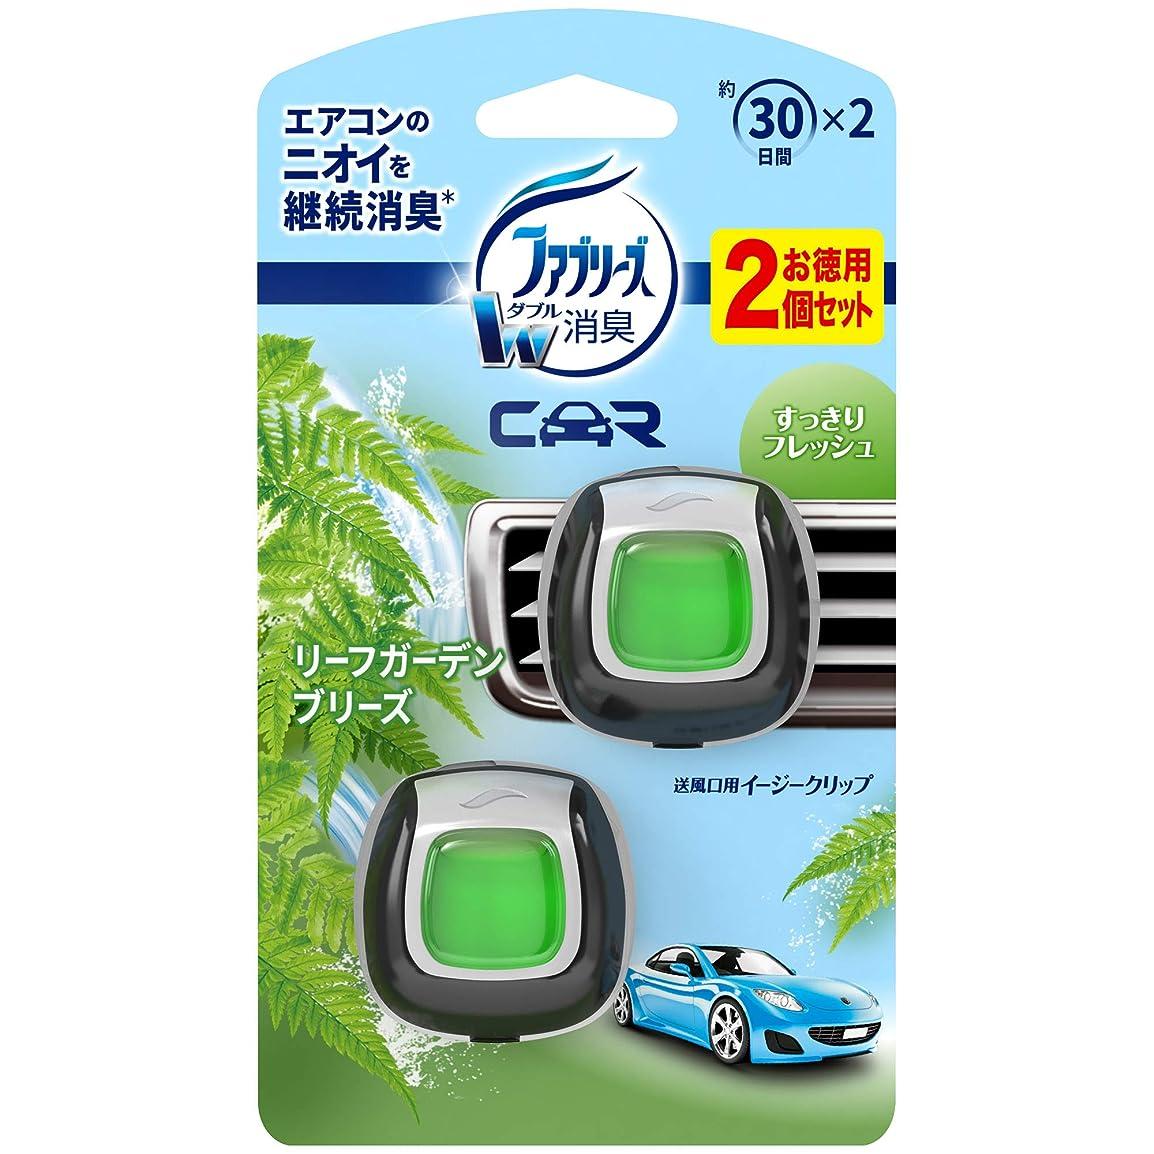 ふくろう先にはずファブリーズ 車用 クリップ型 消臭芳香剤 イージークリップ リーフガーデンブリーズ 2mLx2個